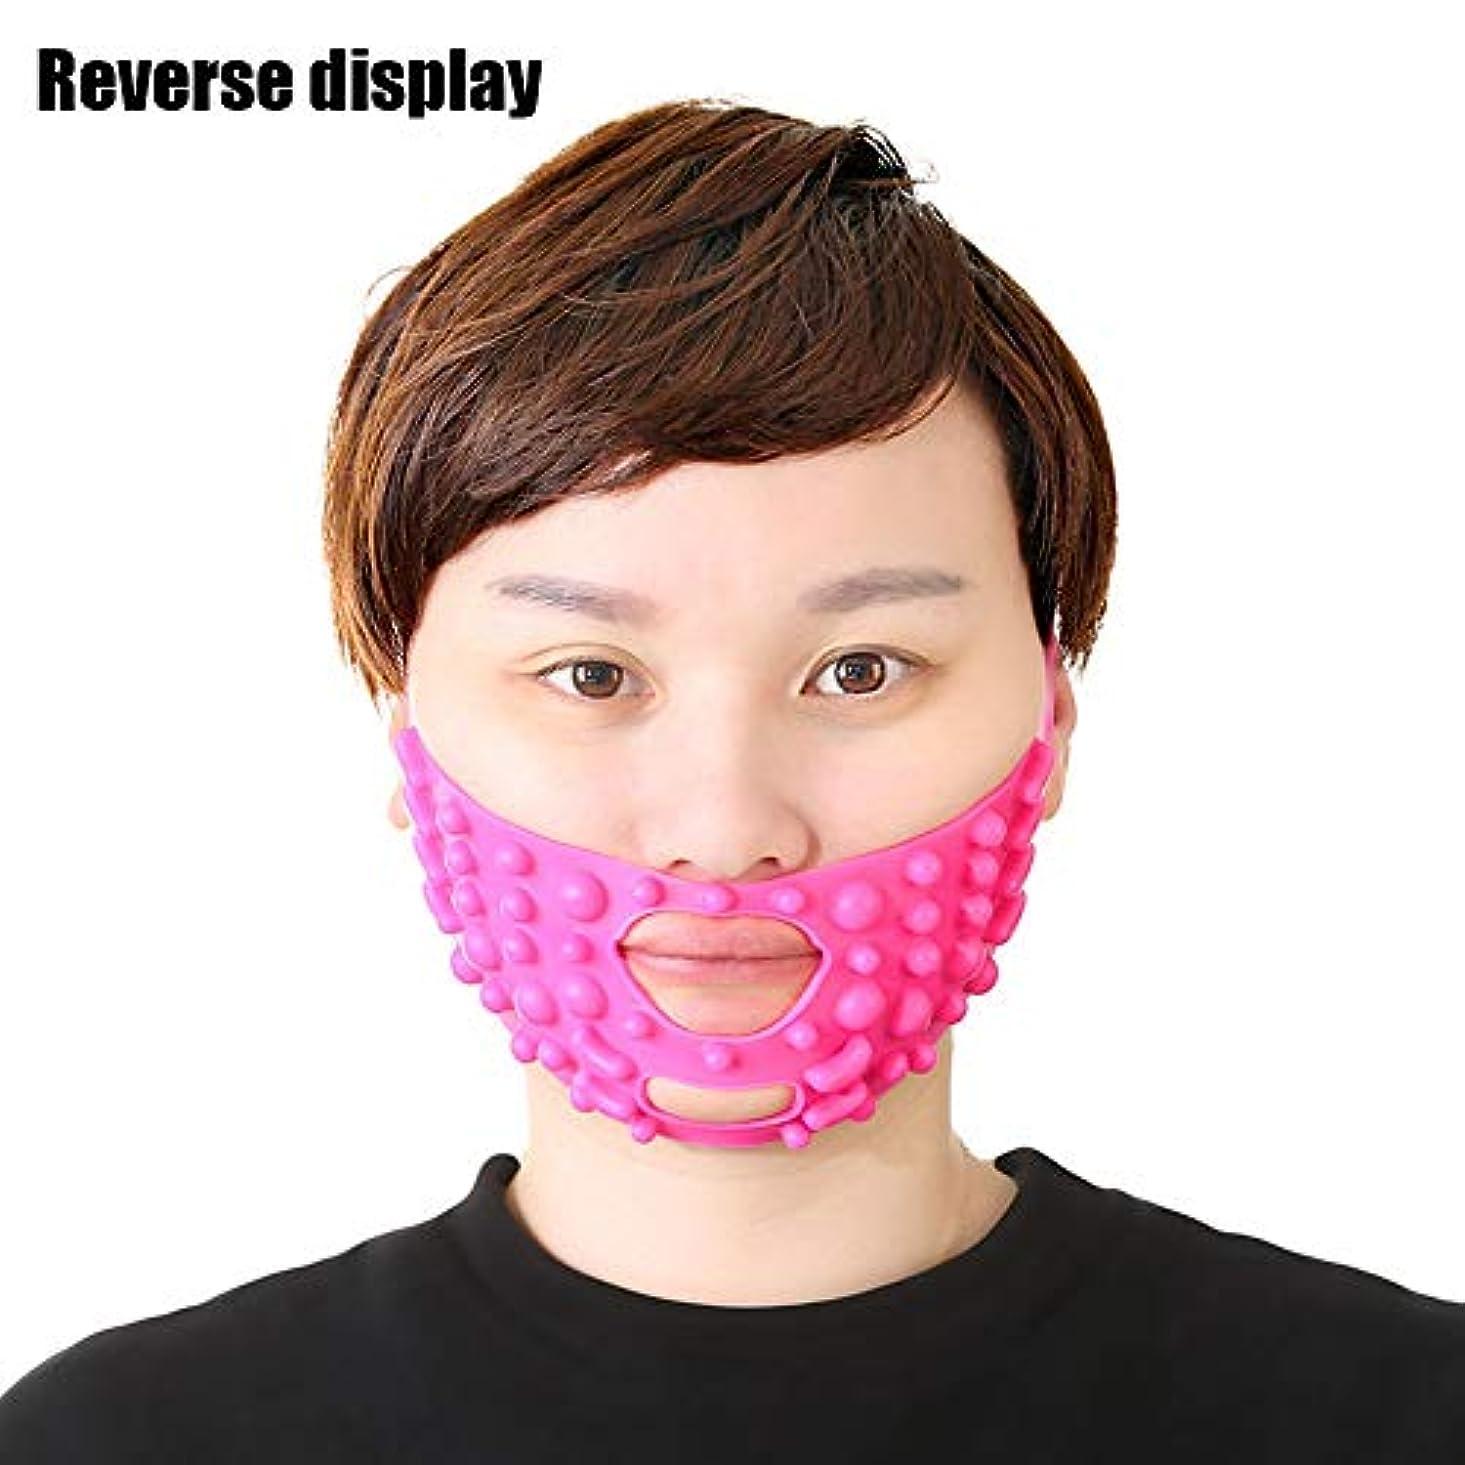 文庫本寄生虫恥ずかしいフェイシャルマッサージ包帯、持ち上げ、引き締め、法則パターンを改善して小さなVフェイス/二重あごマスクを作成(ローズレッド)